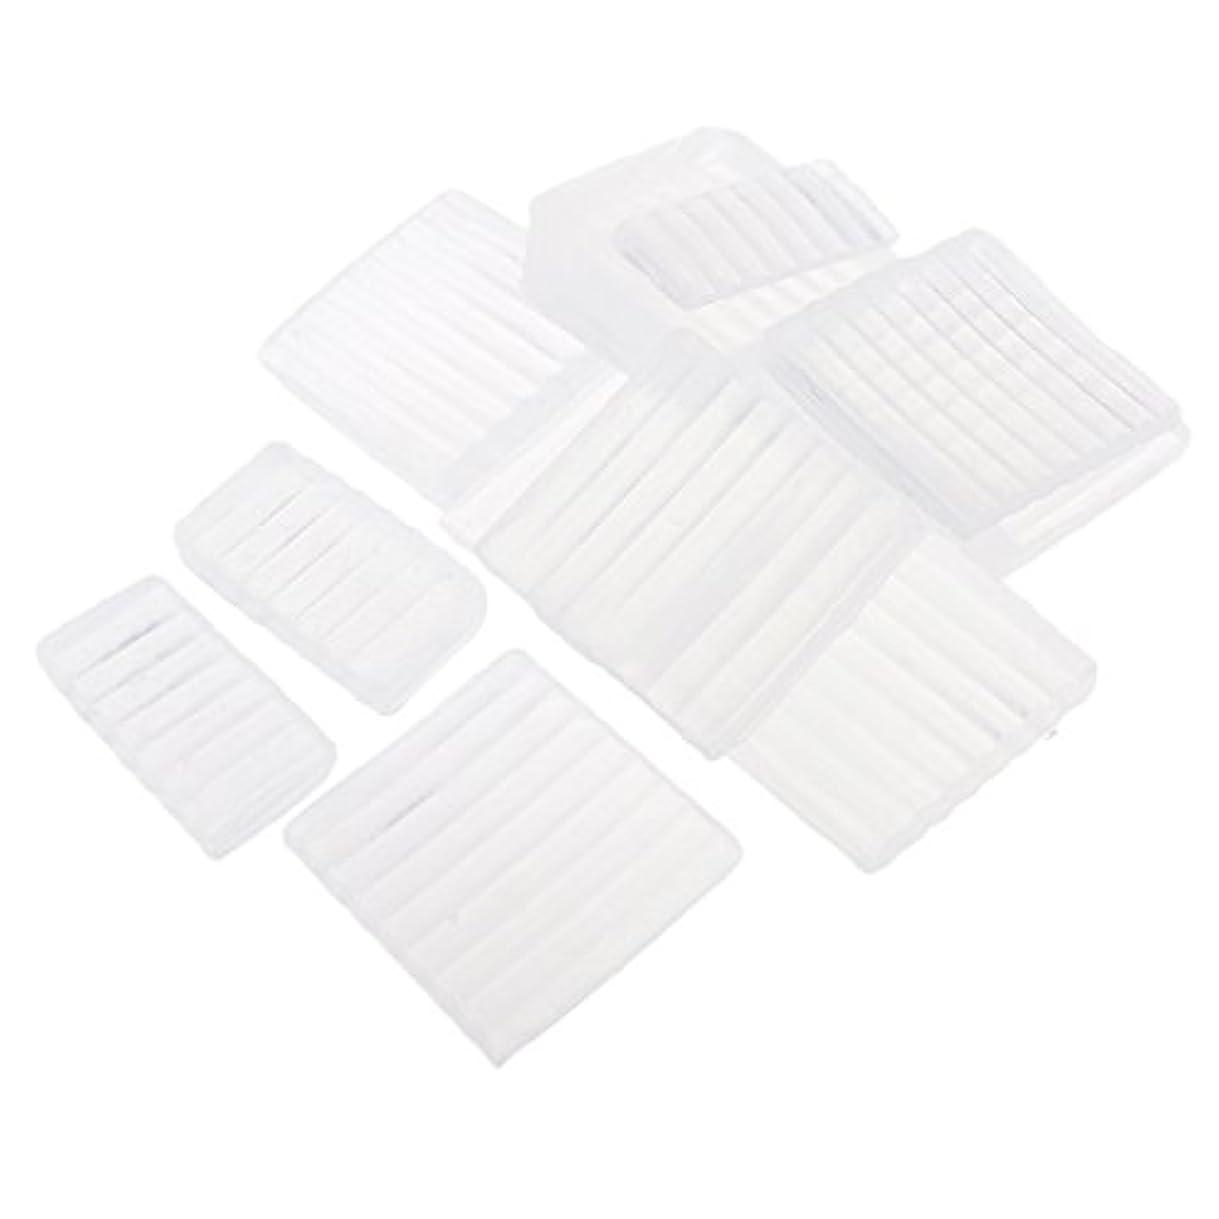 無駄だピンチ幻影Perfeclan 約500g ホワイト 透明 石鹸ベース DIY 手作り 石鹸 材料